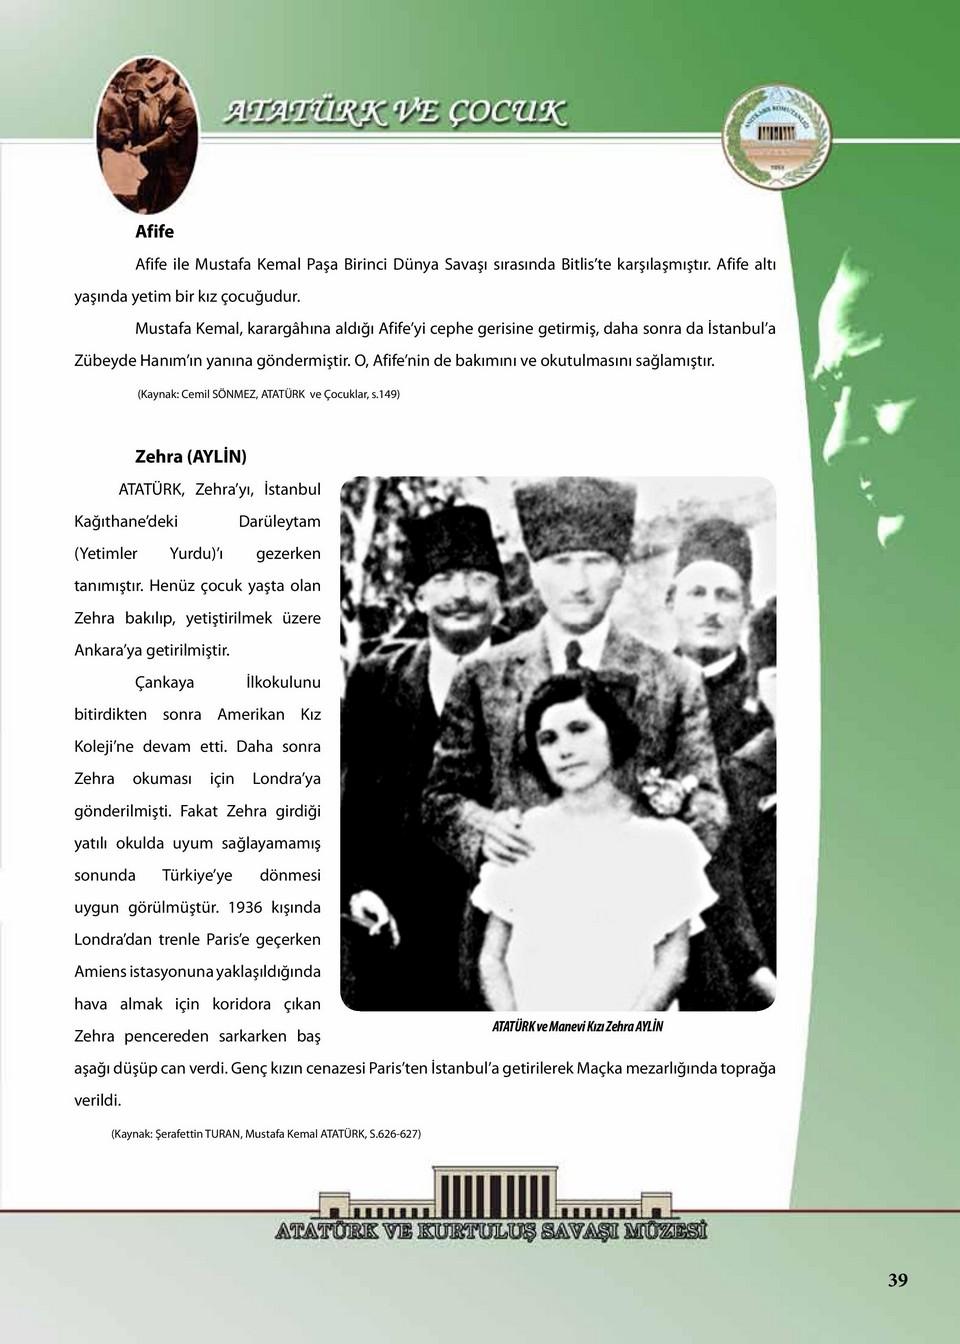 ataturkvecocuk-page-041